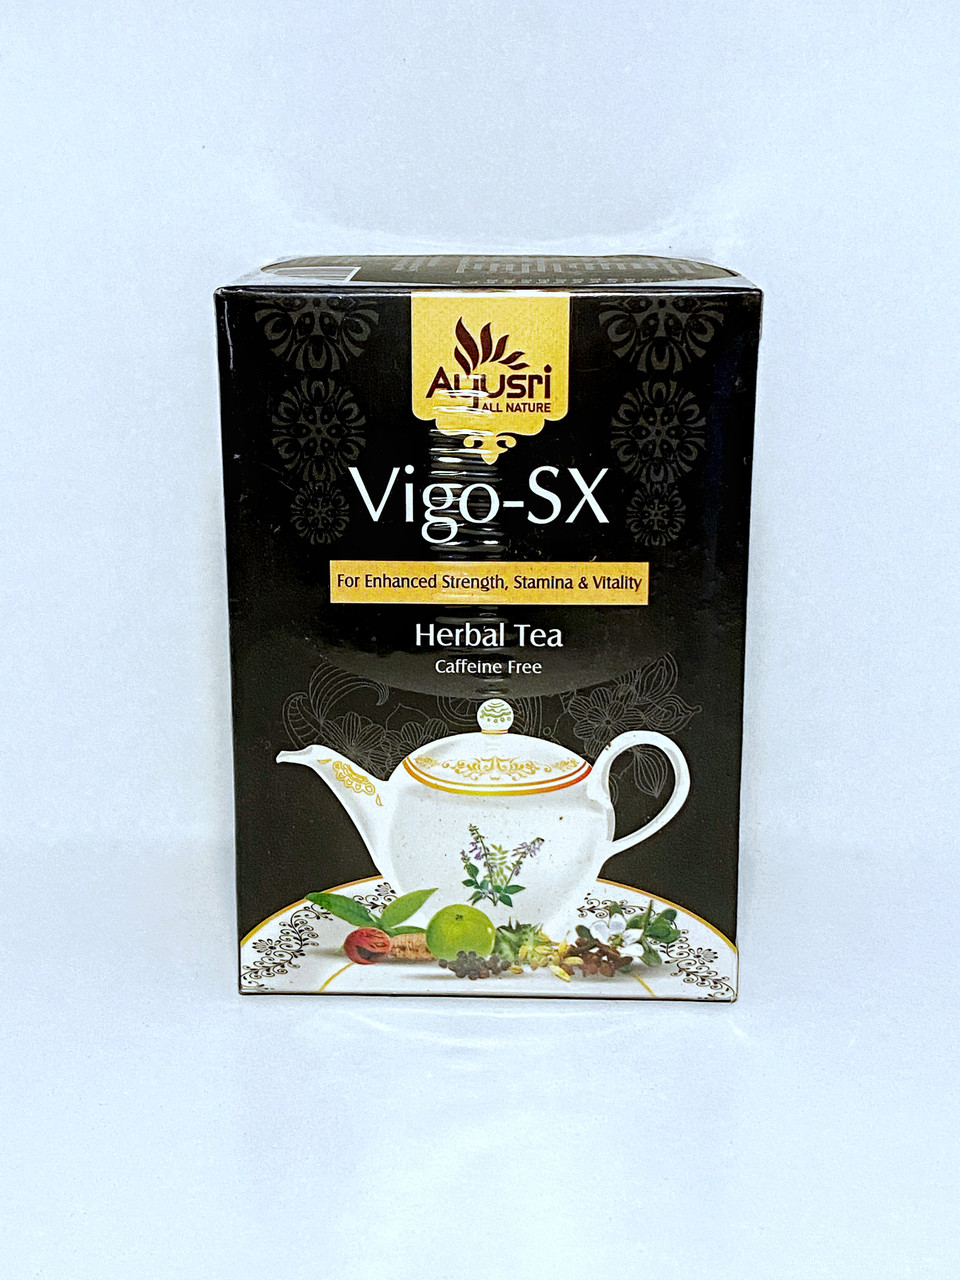 Аюрведический чай Виго Секс для половой активности, Vigo- SX Herbal Tea, 400 гр, Ayusri